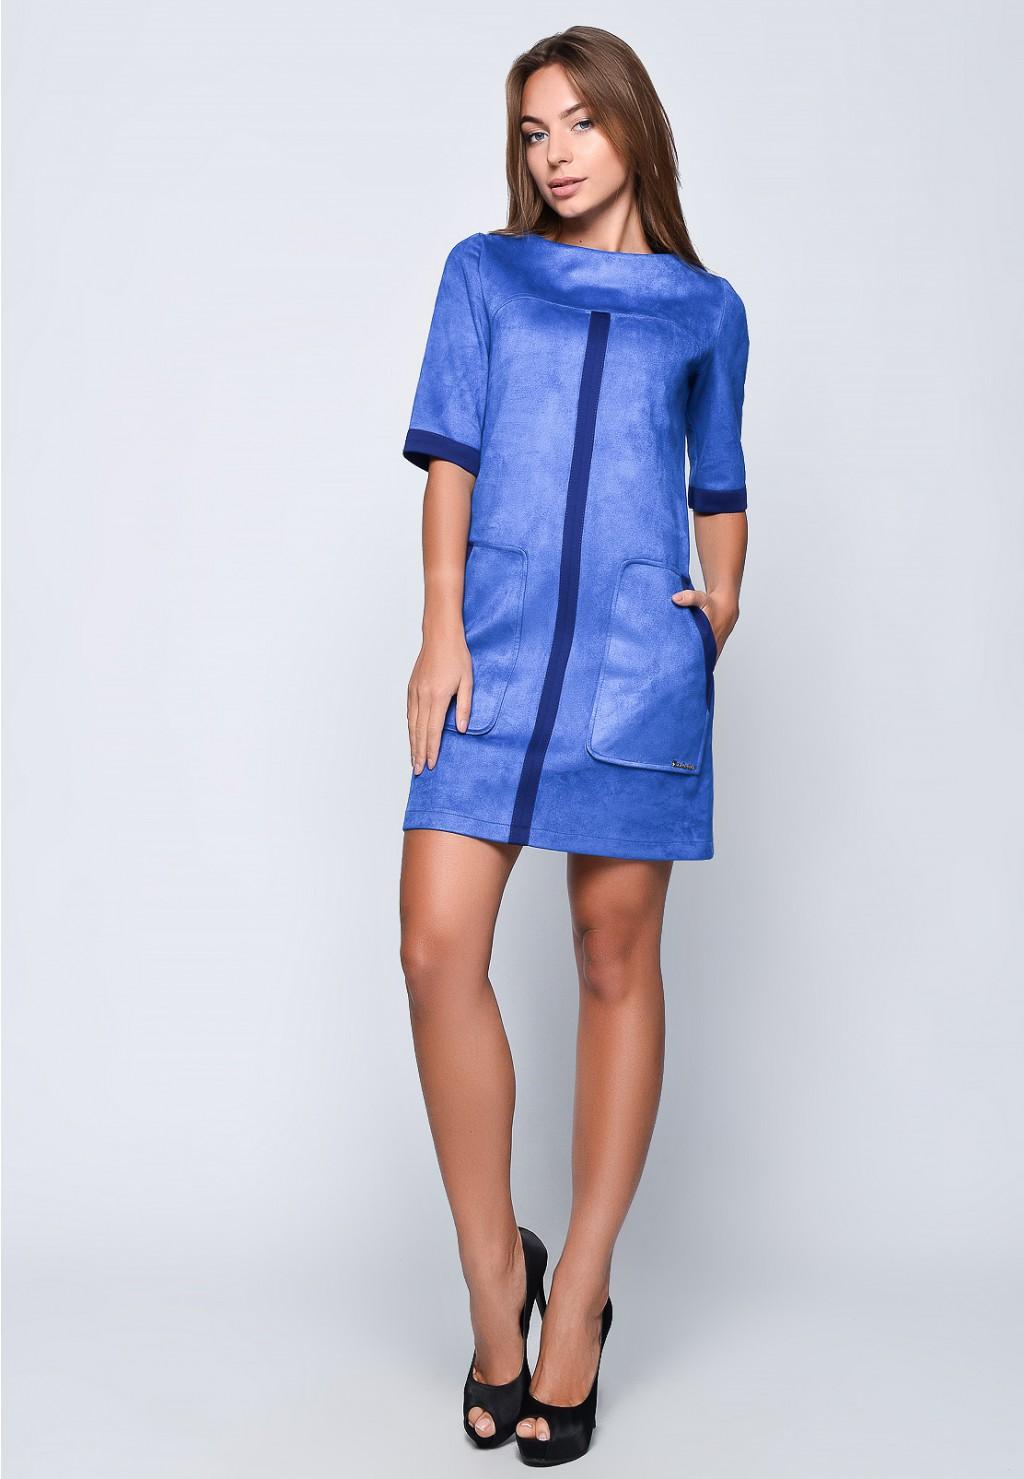 Сбор заказов. Огромный выбор модной одежды по низким ценам GrandTrend. Платья, блузки, джемпера, кардиганы, брюки и леггинсы утепленные и многое другое. Размеры 40-60